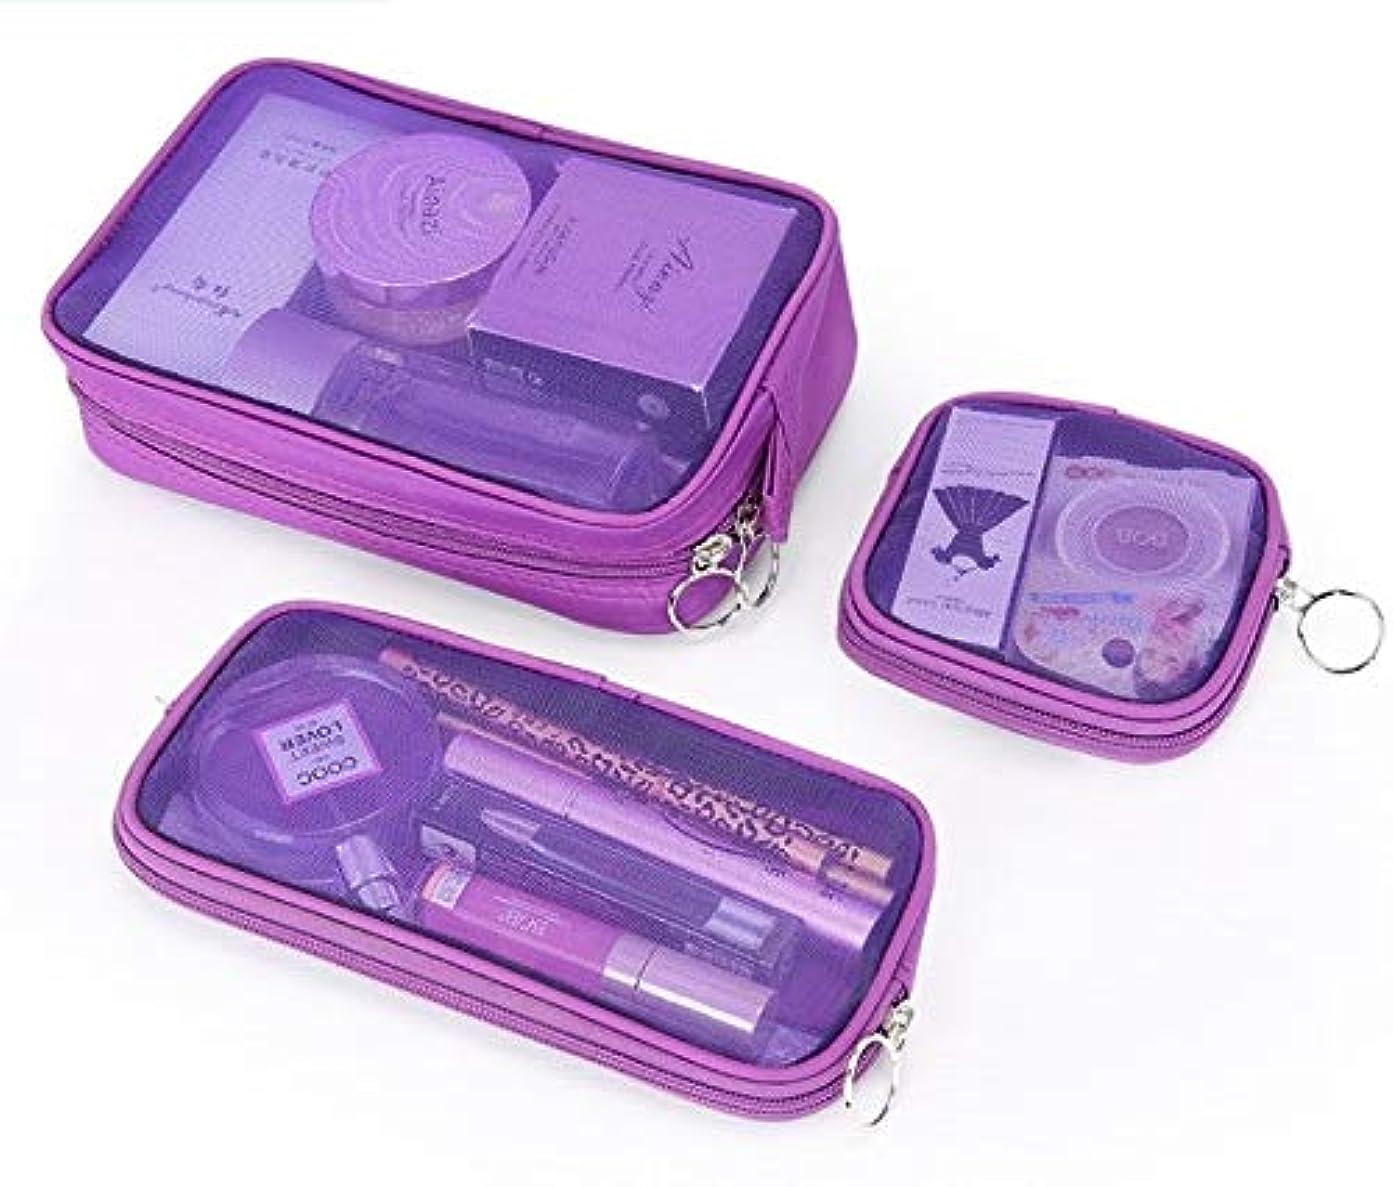 一節凍結瞑想する化粧箱、3の透明メッシュ化粧品袋セット、ポータブル旅行化粧品袋収納袋、美容ネイルジュエリー収納ボックス (Color : Purple)